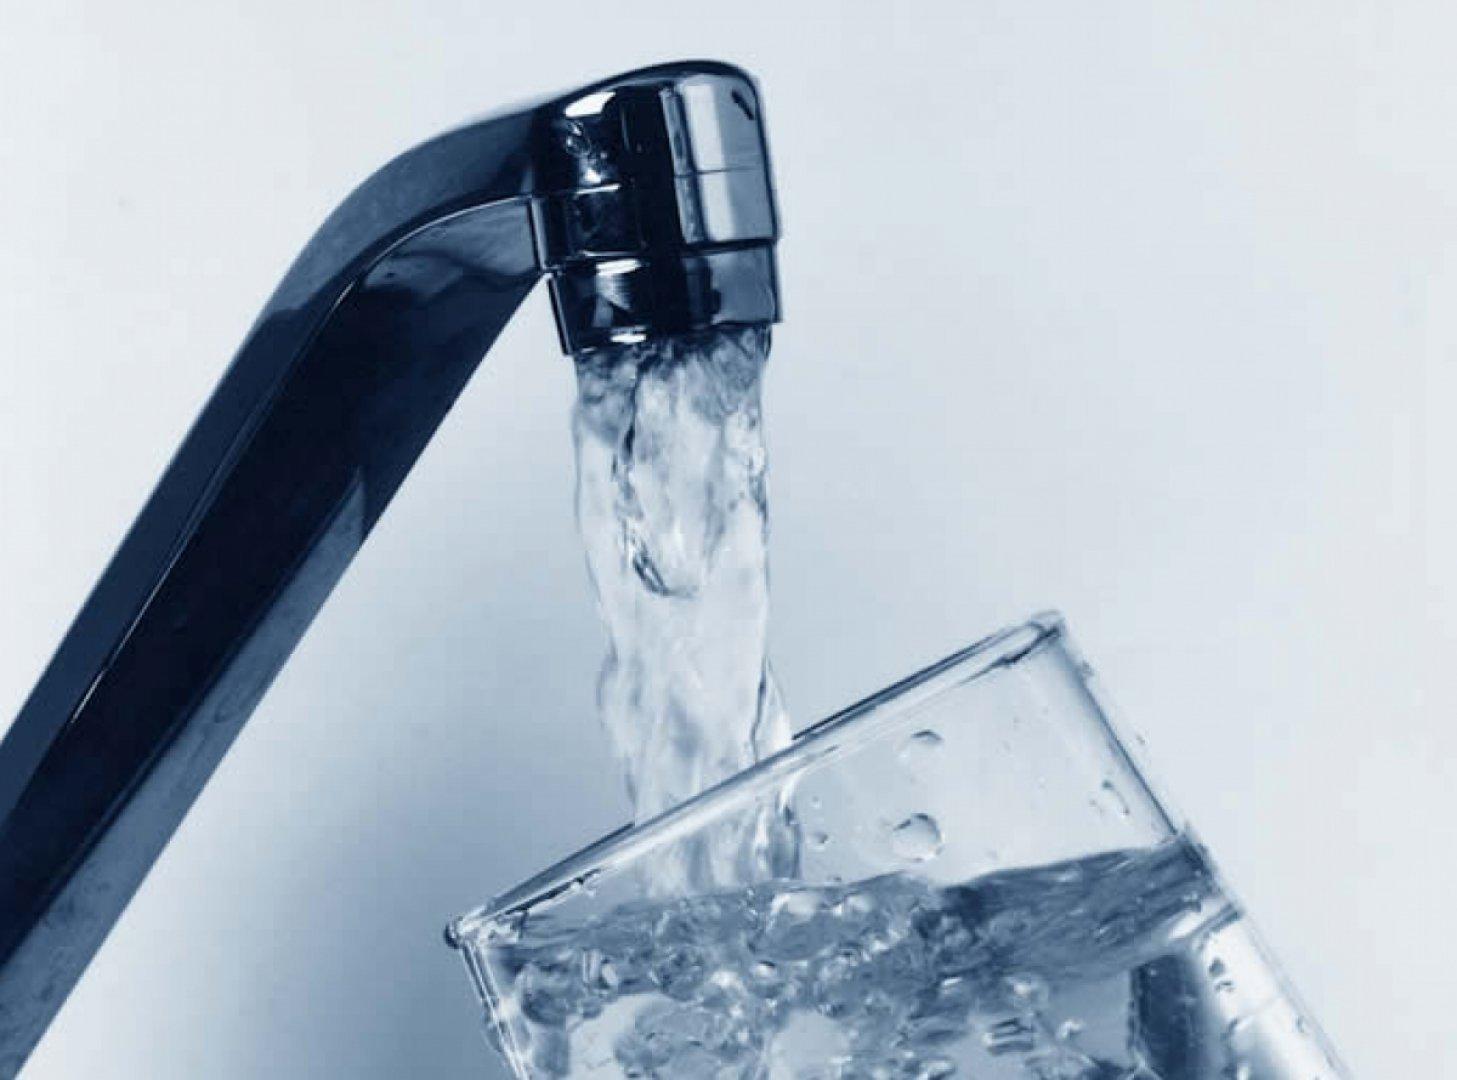 Photo of От жителей поступили жалобы на качество питьевой воды. Отклонений не зафиксировано. Минздрав